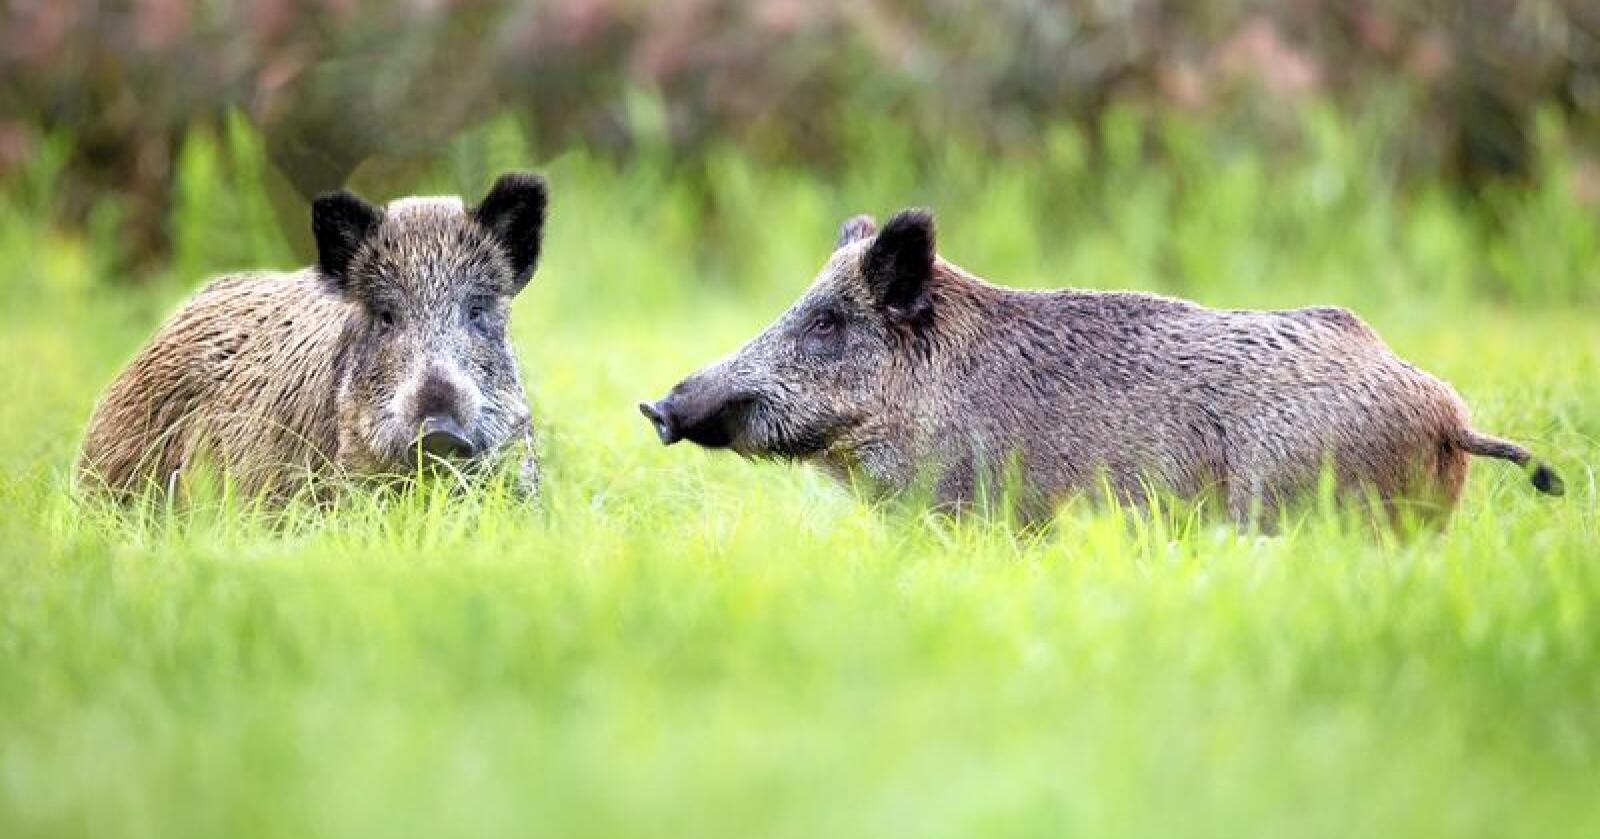 UØNSKET: Villsvin er definert som en fremmed art i Norge, og utgjør en trussel for både dyre- og folkehelsa, som bærere av smittsomme sykdommer. Illustrasjonsfoto: Mostphotos